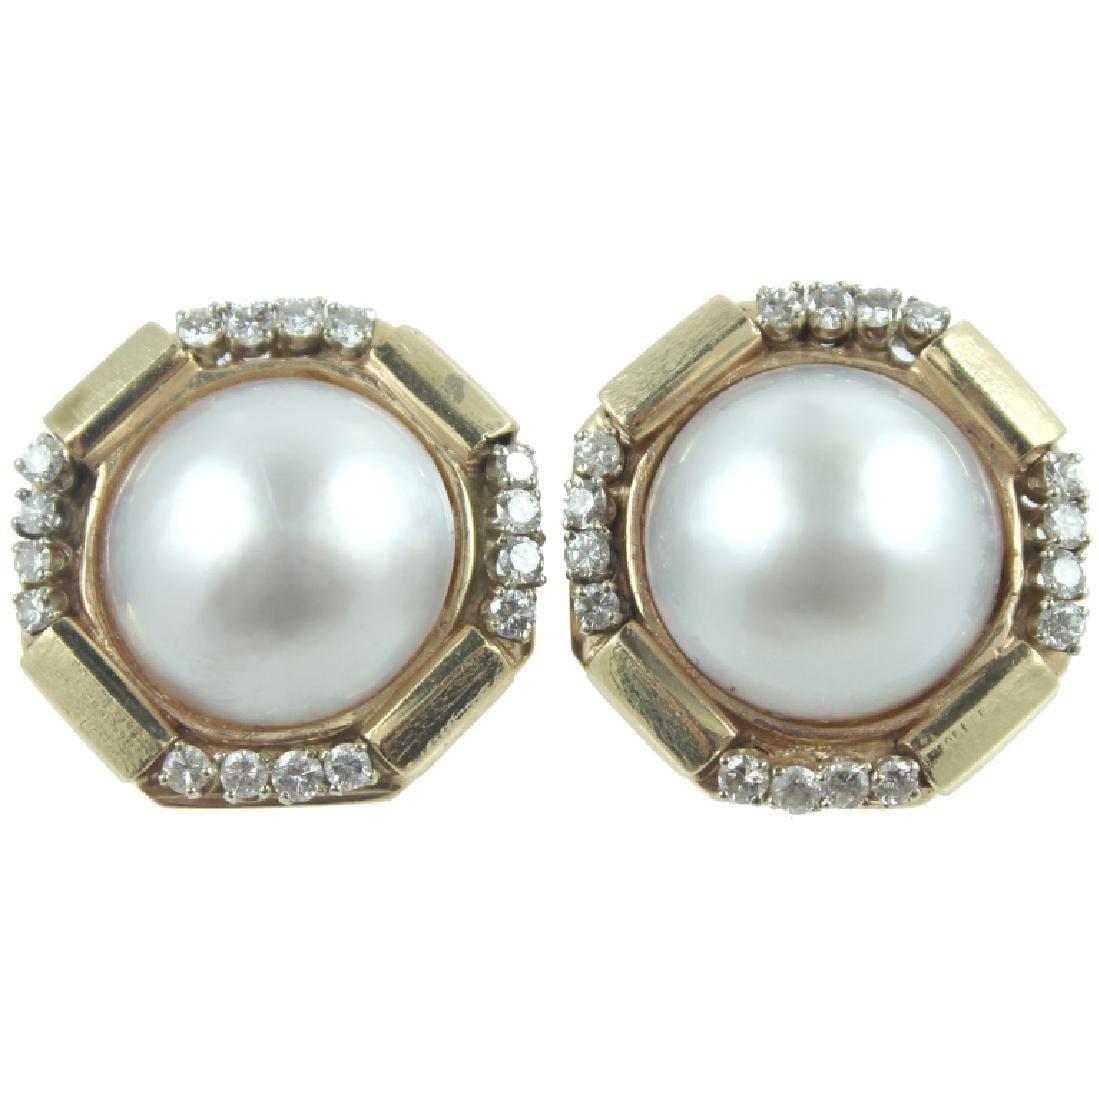 14K Yellow Gold Mobe Pearl Earrings, 12.4 dwt